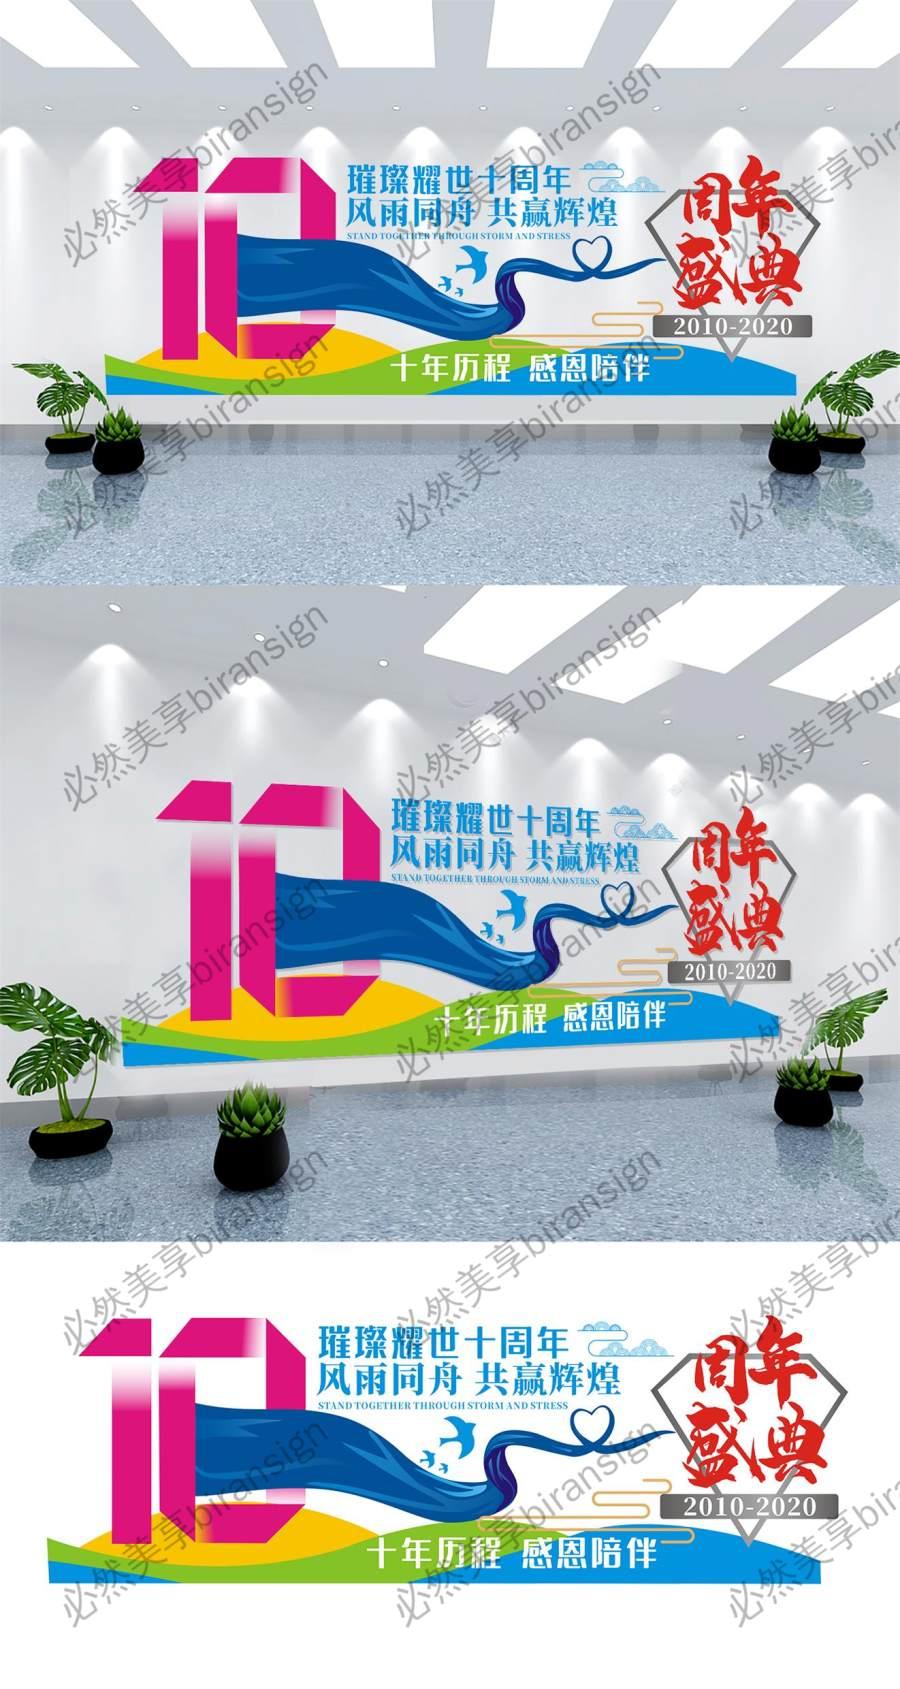 企业周年庆典文化墙